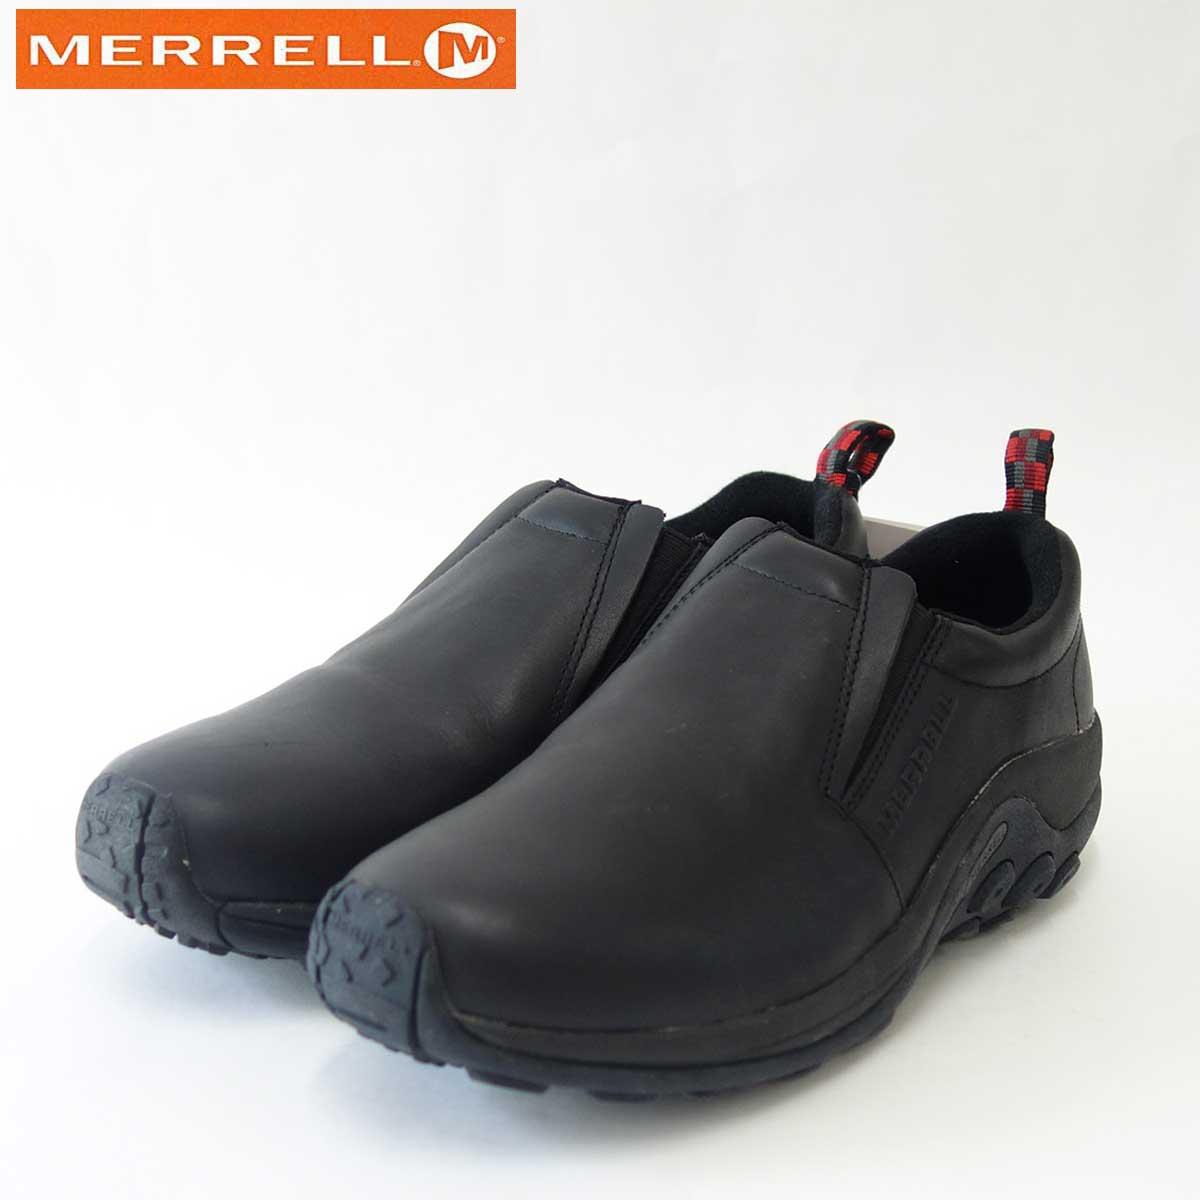 MERRELL メレル ジャングルモックレザー(メンズ)Jungle moc Leather 567113 ブラックエアークッションで快適ウォーク「靴」